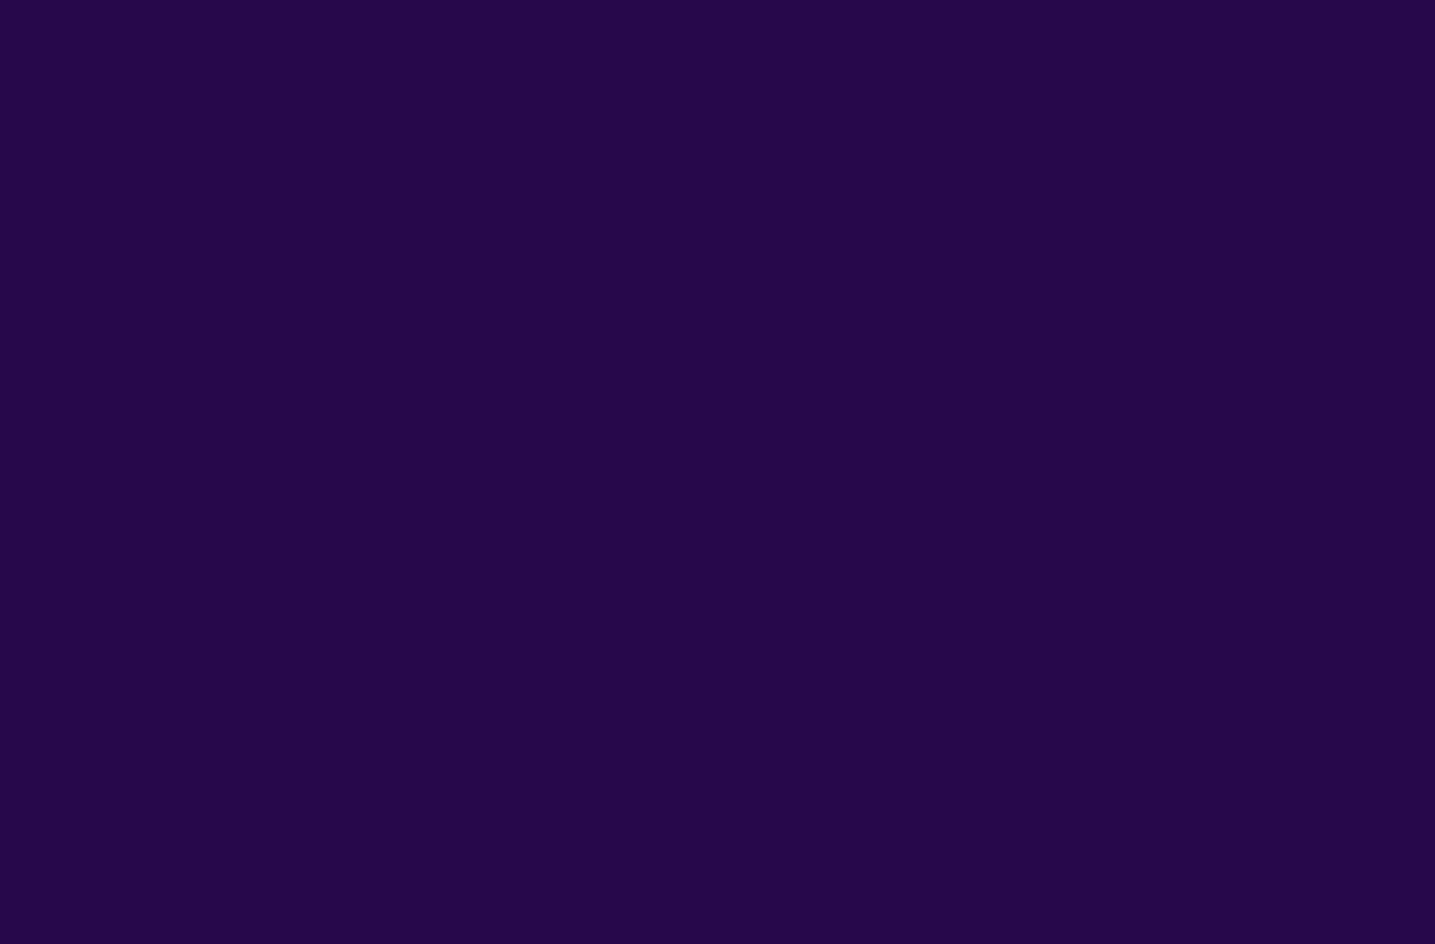 purpleeee.png